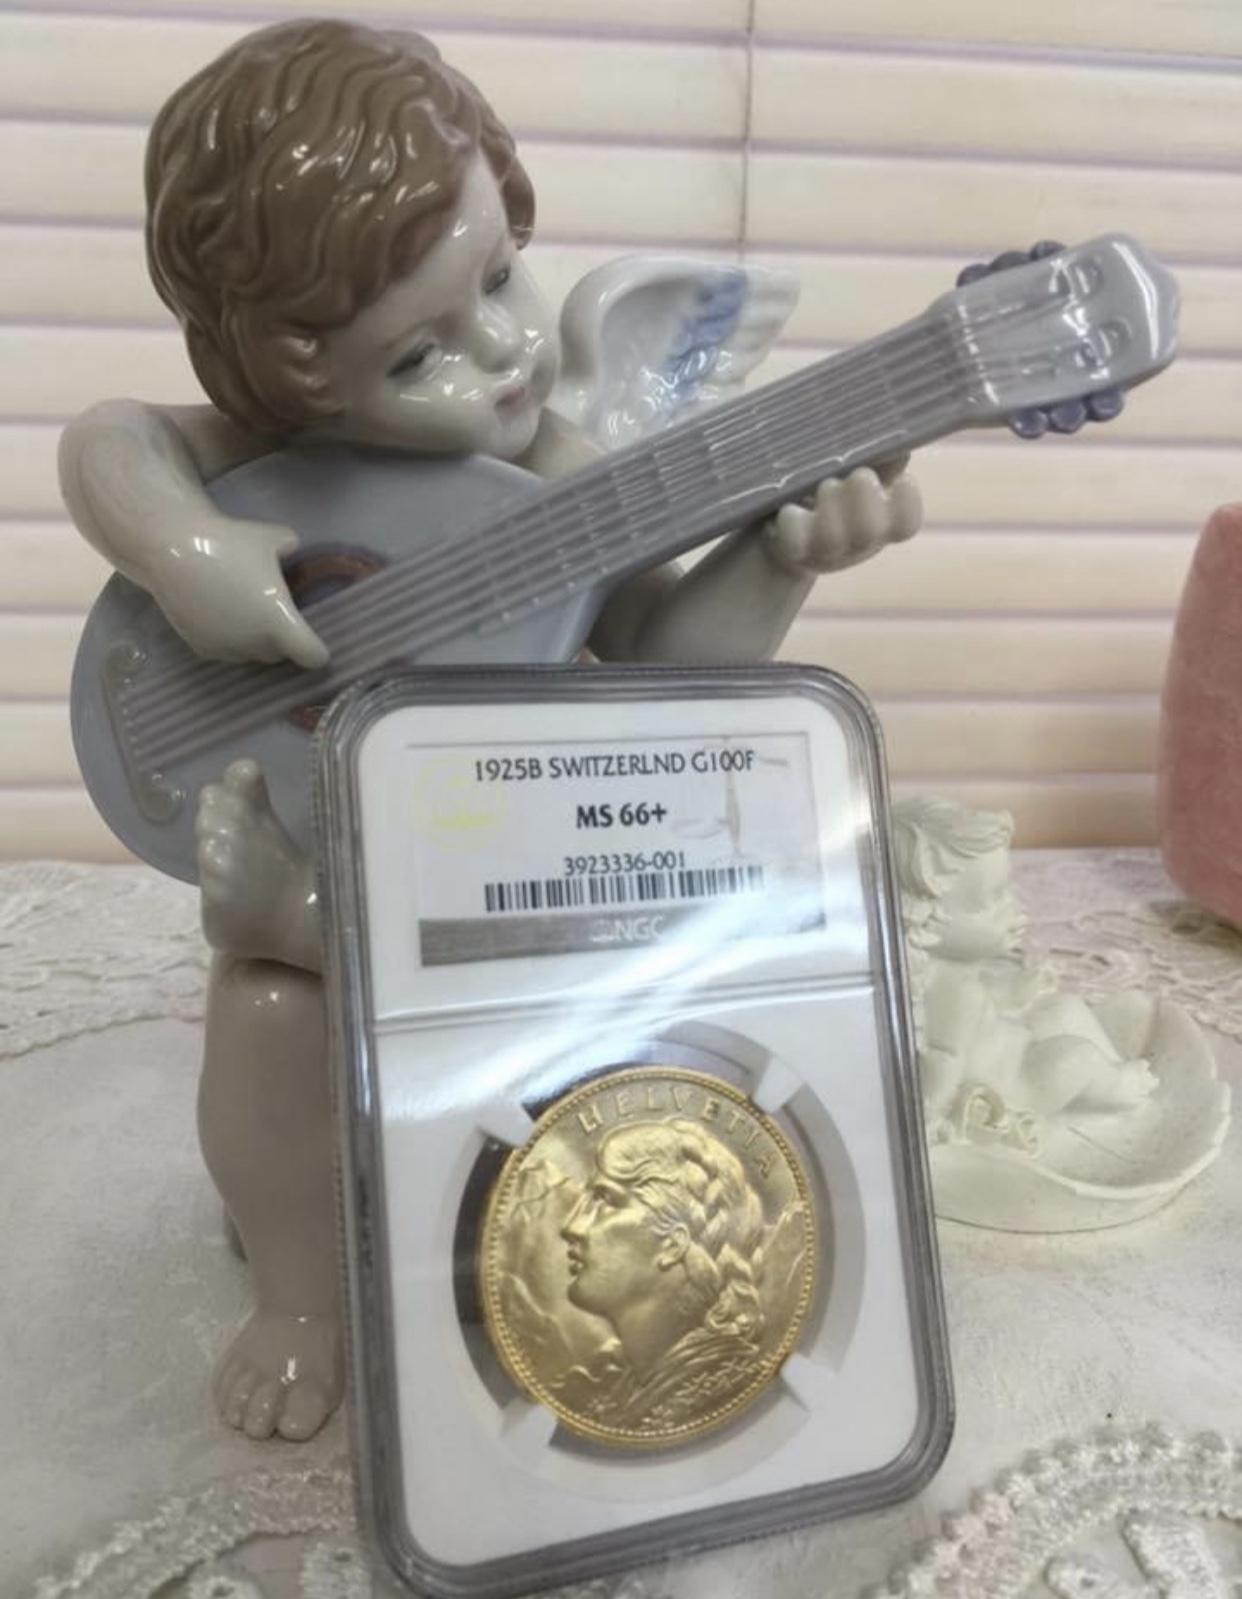 ナポレオン3世1852年5フラン銀貨PF63+! 🤩入手うう🤩_d0357629_00133711.jpeg